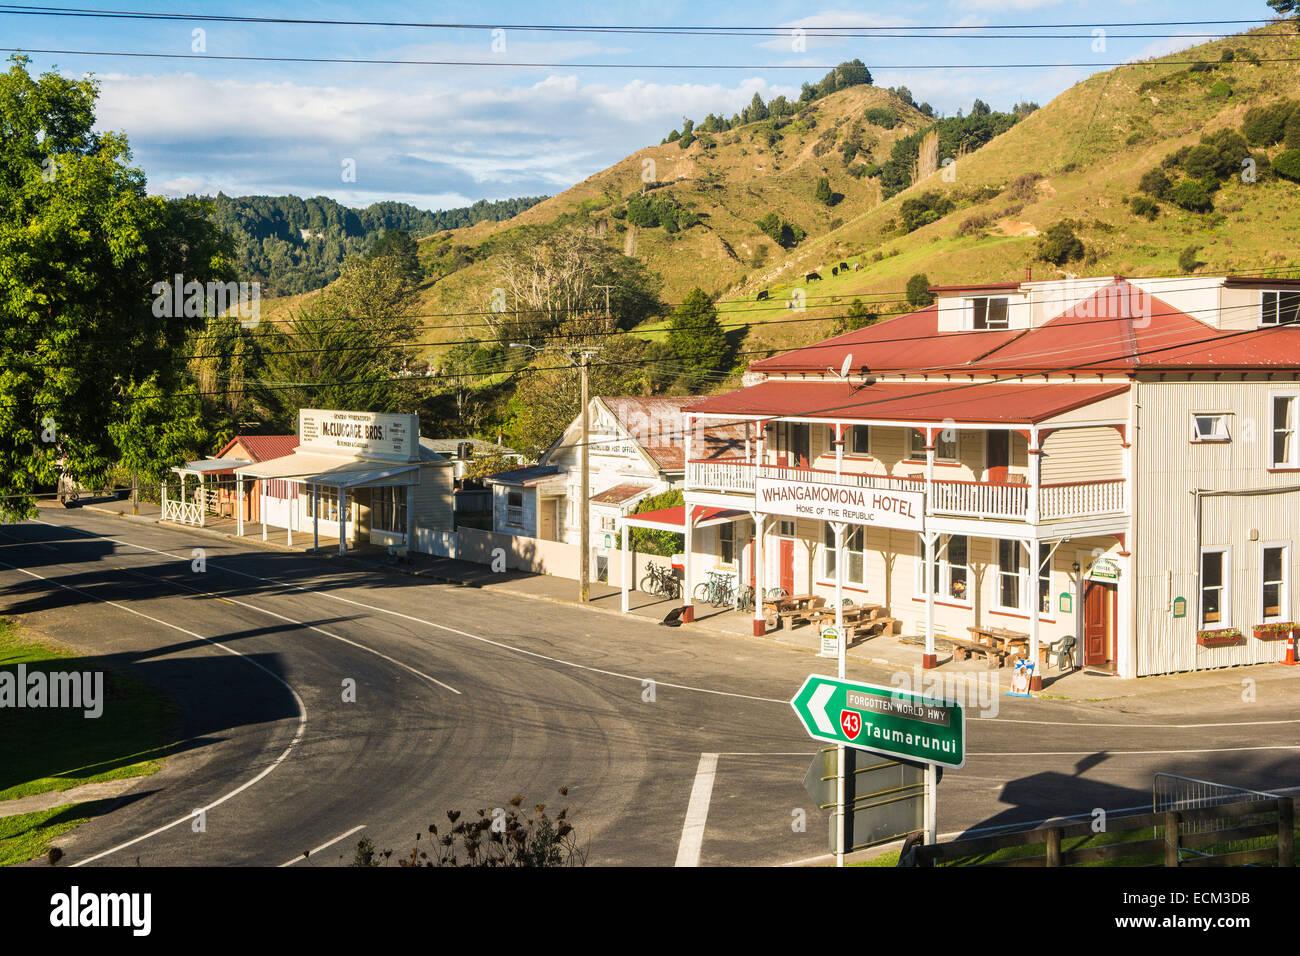 Whangamomona Township, North Island, New Zealand - Stock Image